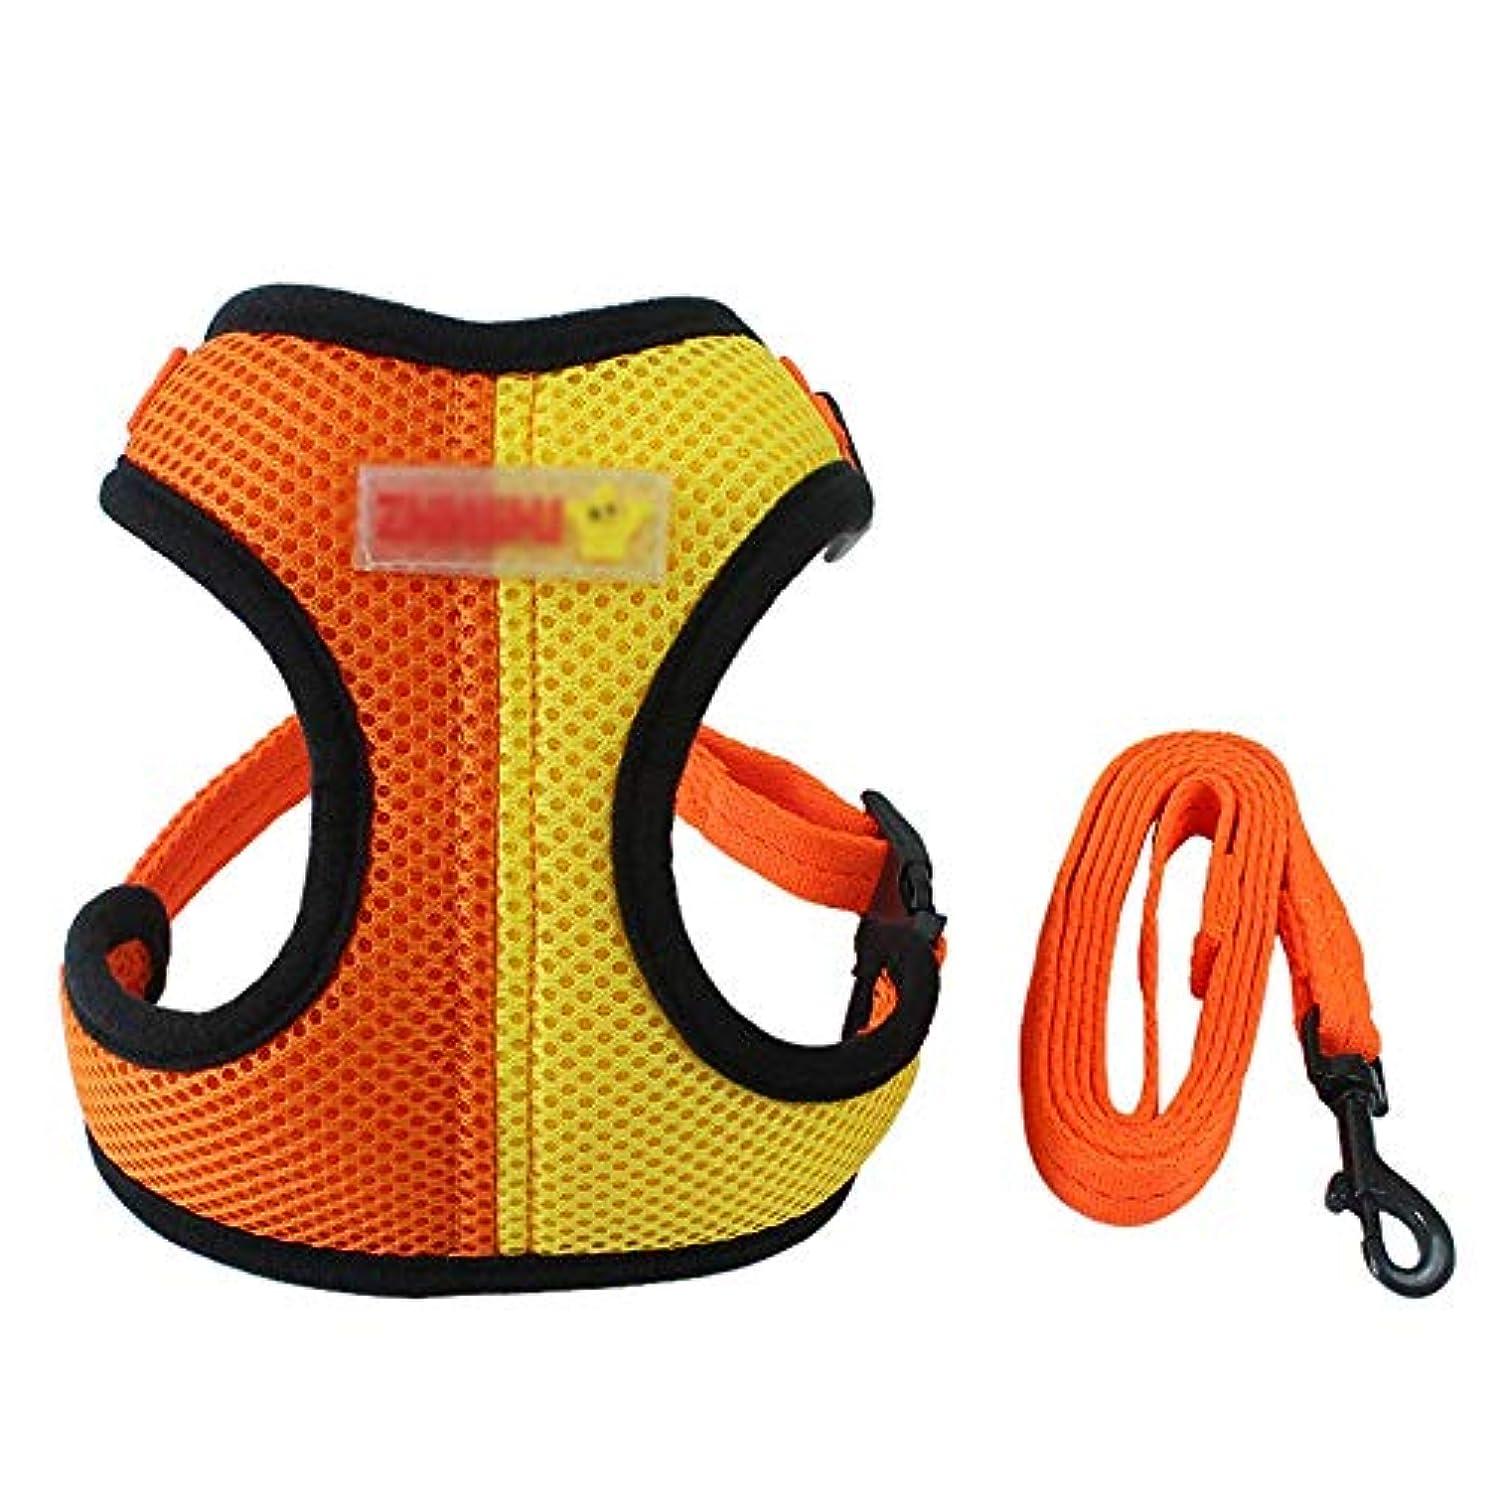 同様に主張するストレッチSceliny メッシュ素材のアップグレードプルハンドルなしで着脱が簡単なプル犬用ハーネス (色 : オレンジ)